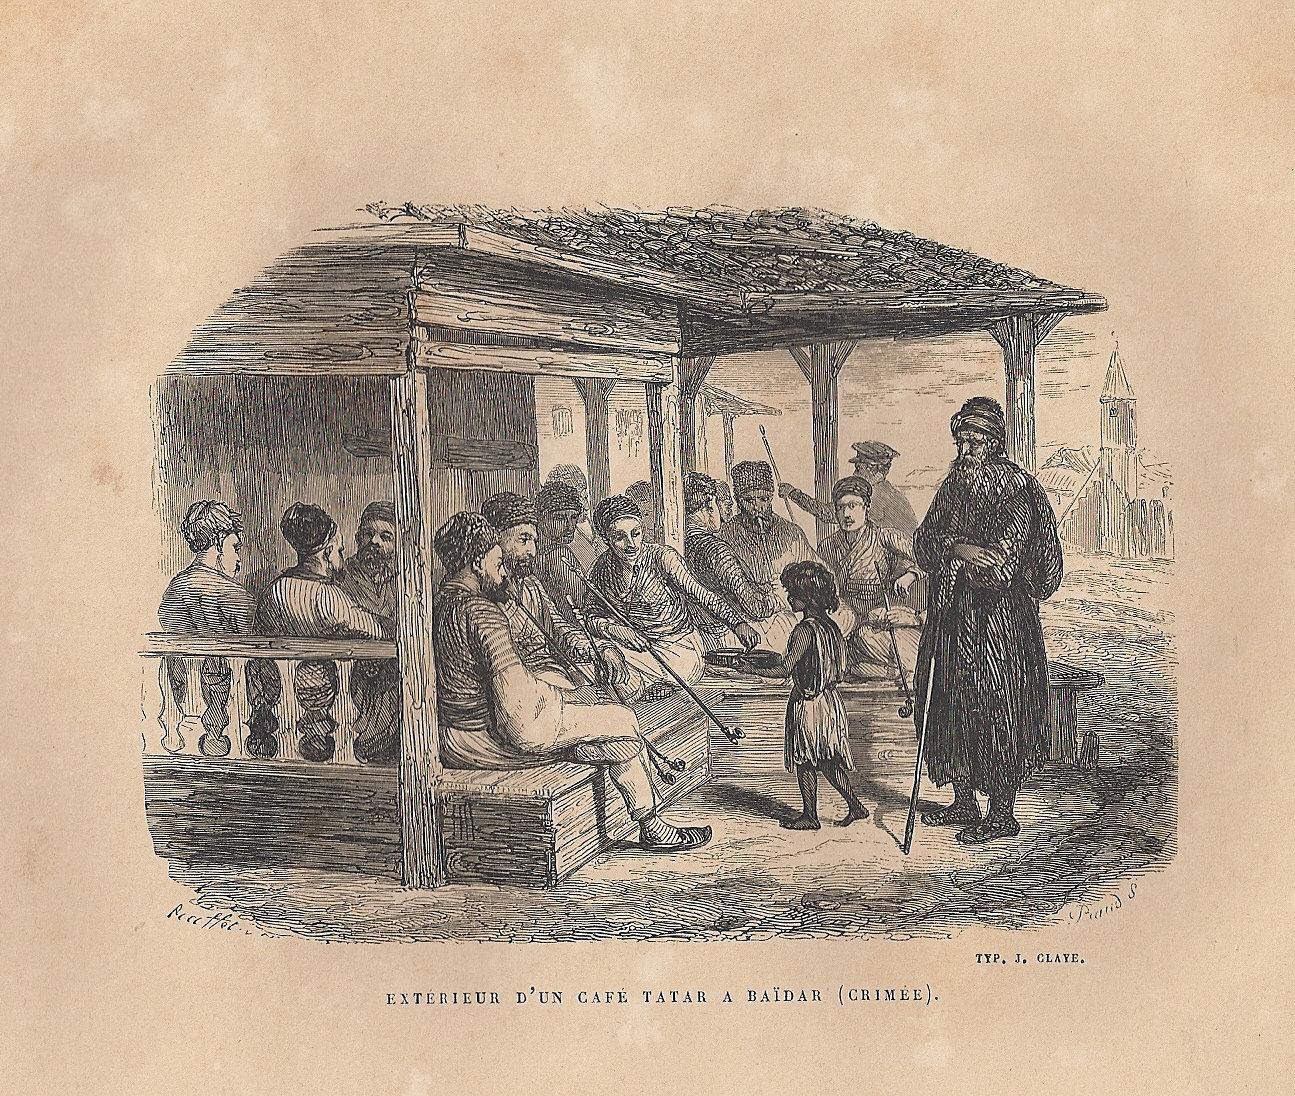 Крымскотатарская кофейня в Байдарах. Иллюстрация из коллекции Британской библиотеки